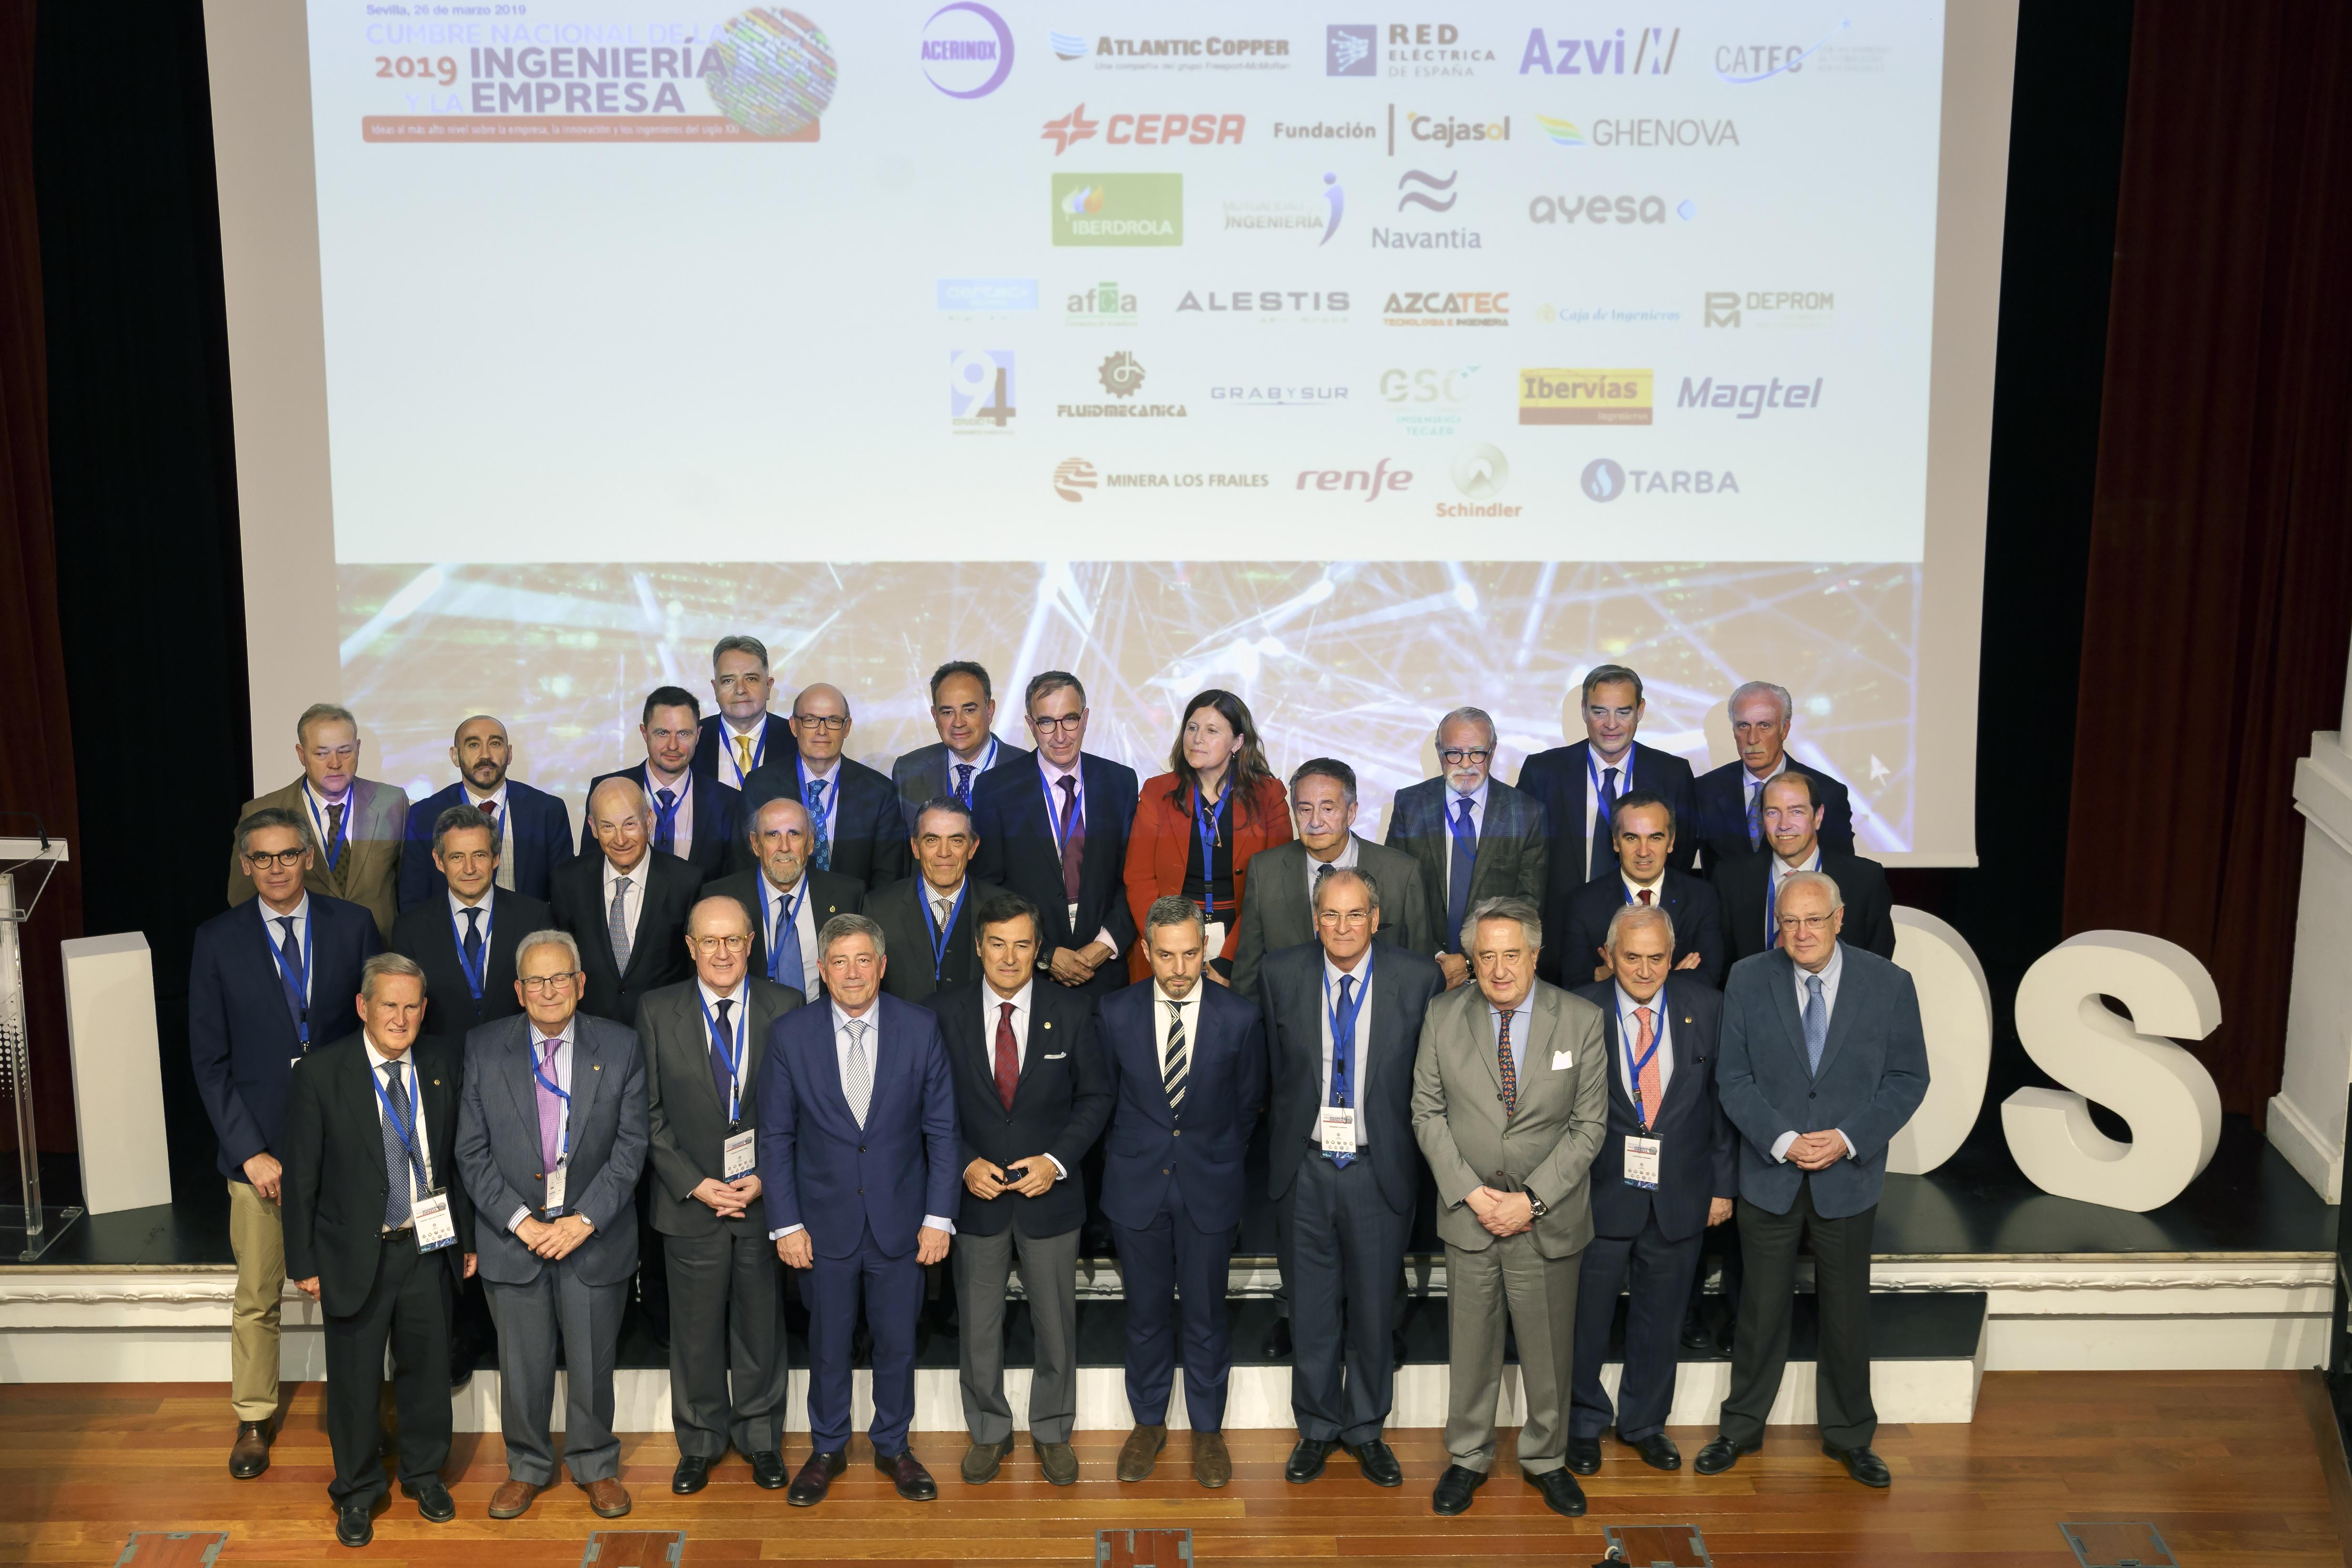 Éxito de participación en la I Cumbre de la Ingeniería y la Empresa organizada por ASIAN con más de 300 personas